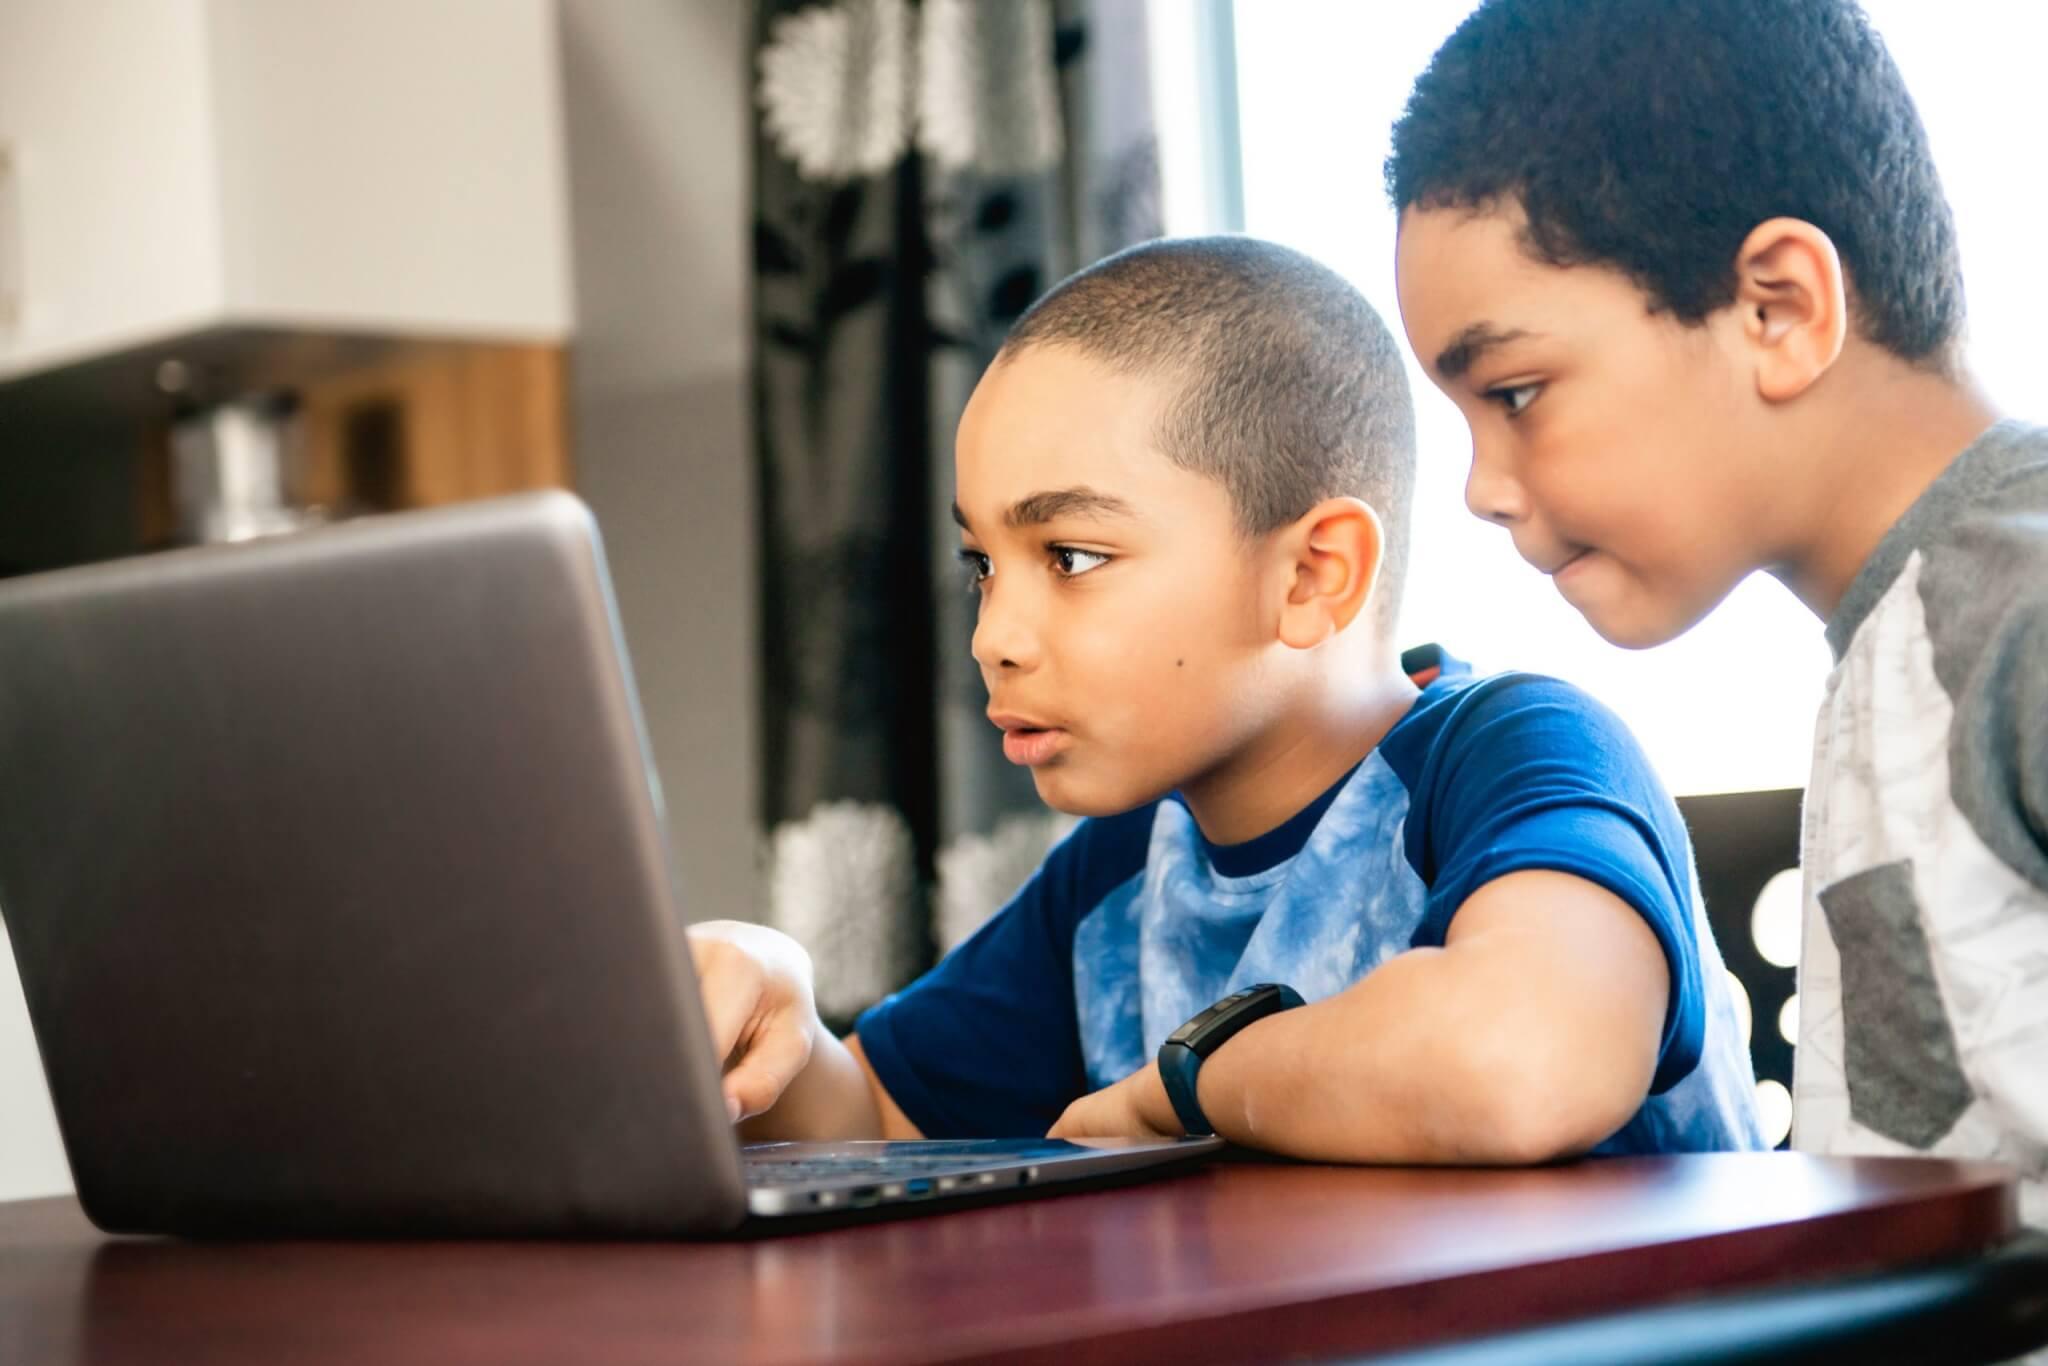 homeschooling_jungs_laptop_shutterstock_1386056558